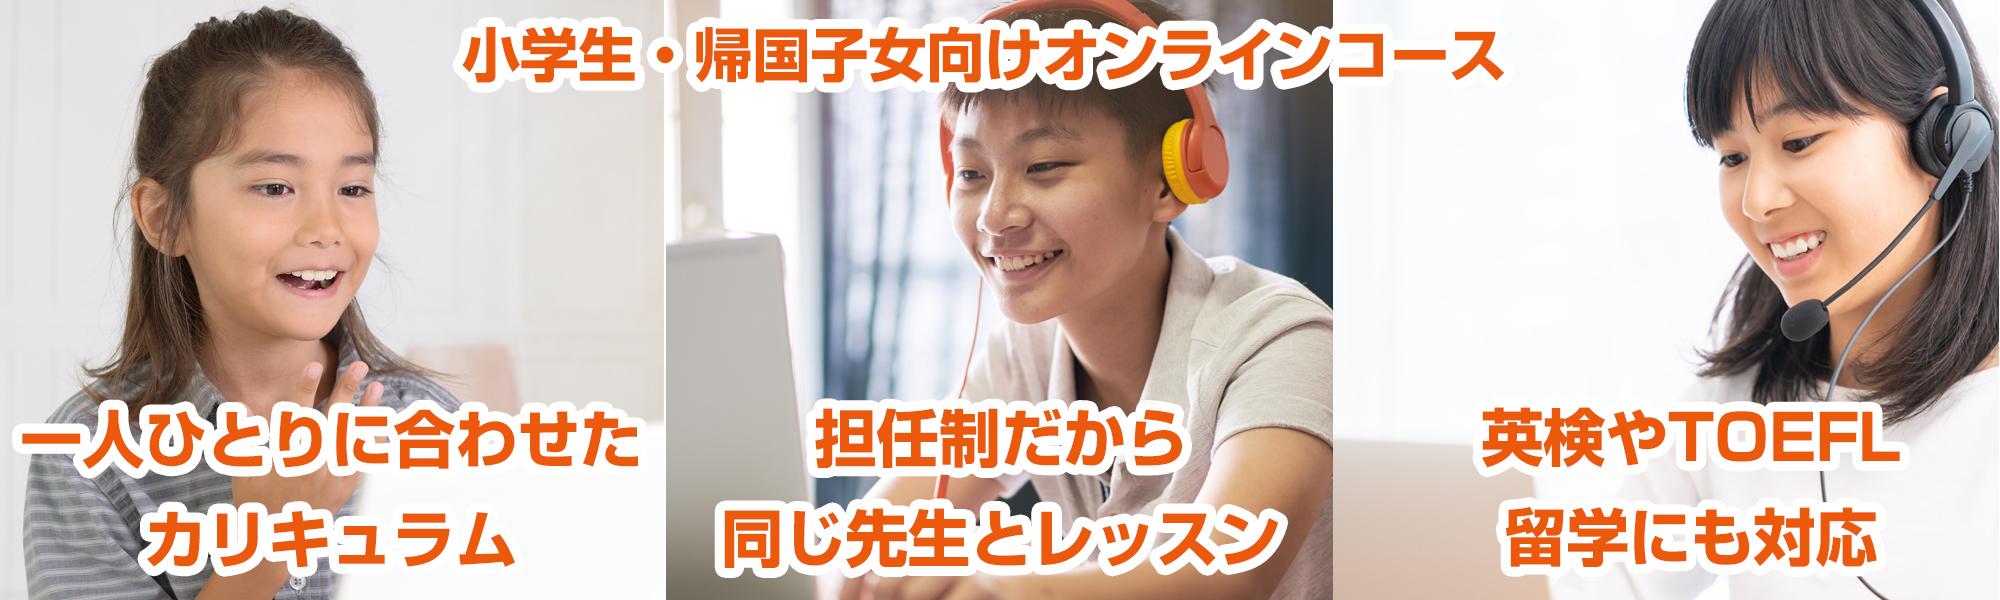 子供向けオンライン英会話スクール